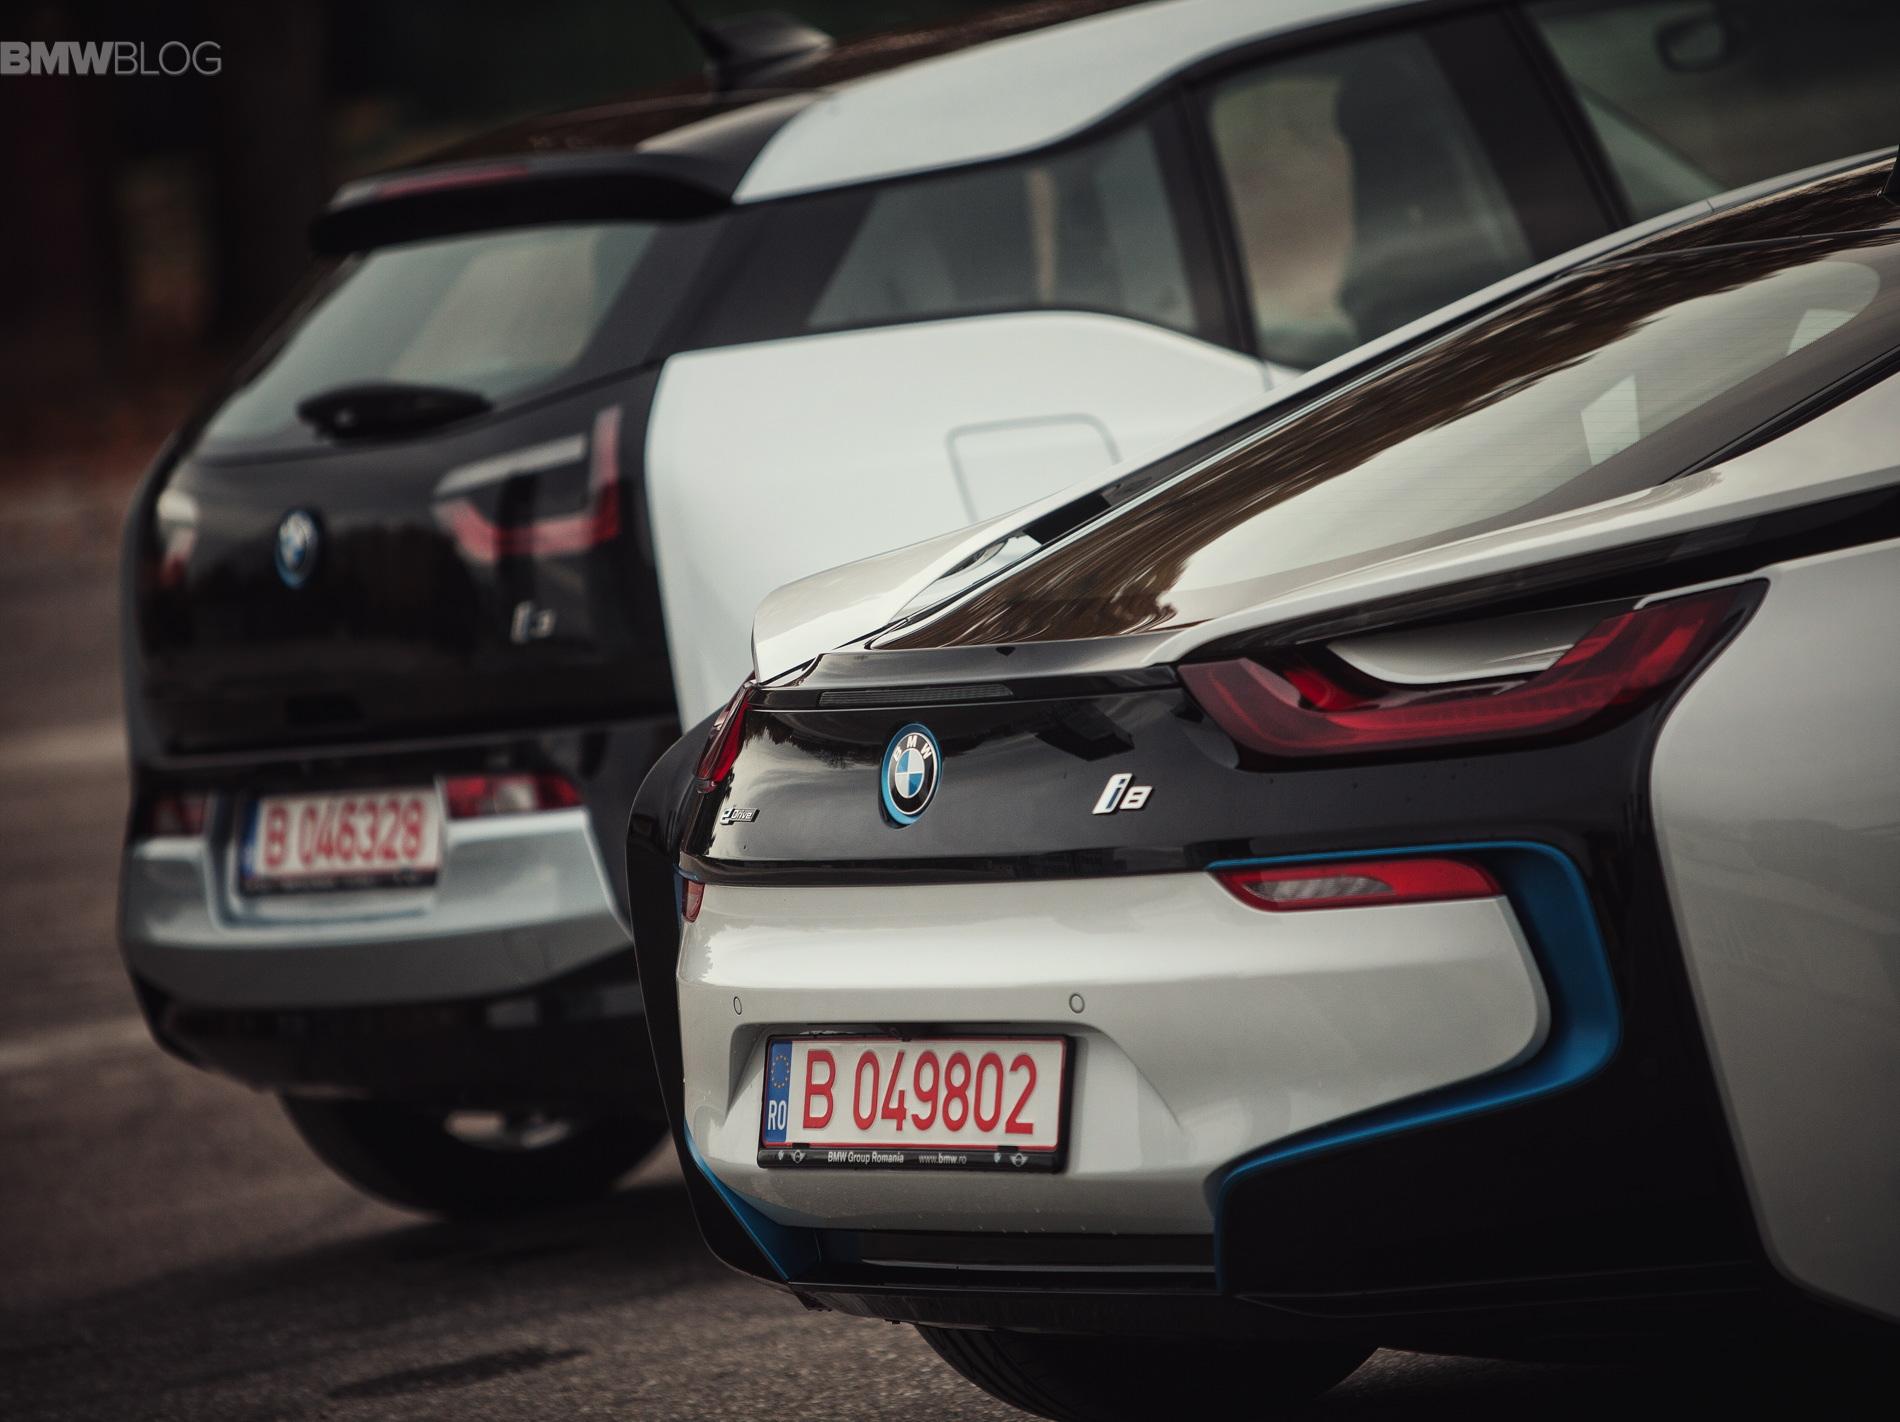 BMW i3 i8 photoshoot bucharest images 20